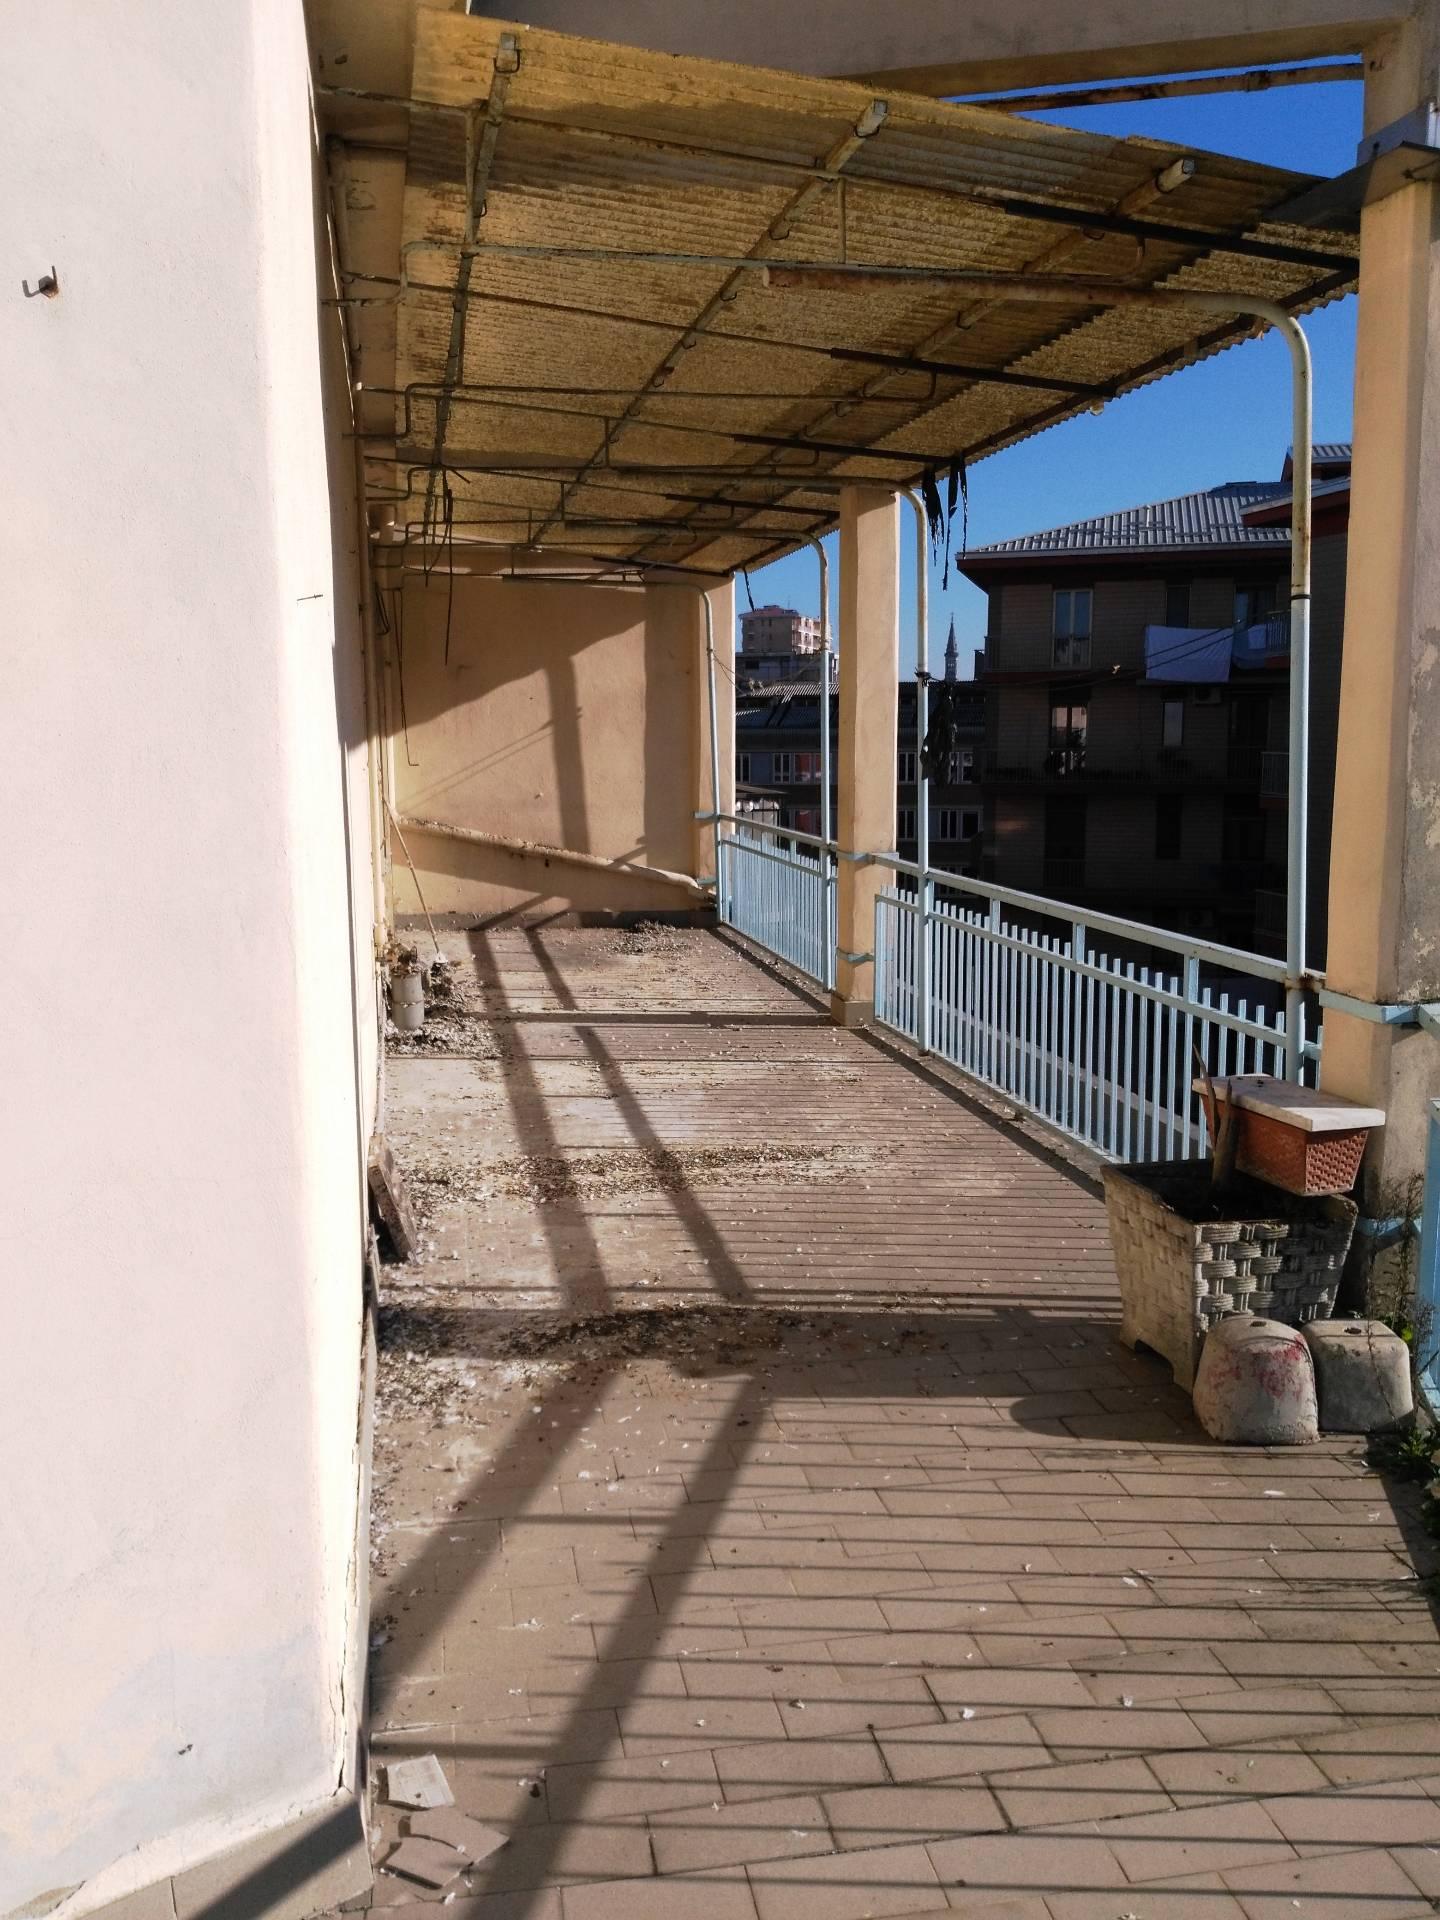 Attico / Mansarda in vendita a Alessandria, 3 locali, zona Località: Piscina, prezzo € 85.000 | PortaleAgenzieImmobiliari.it